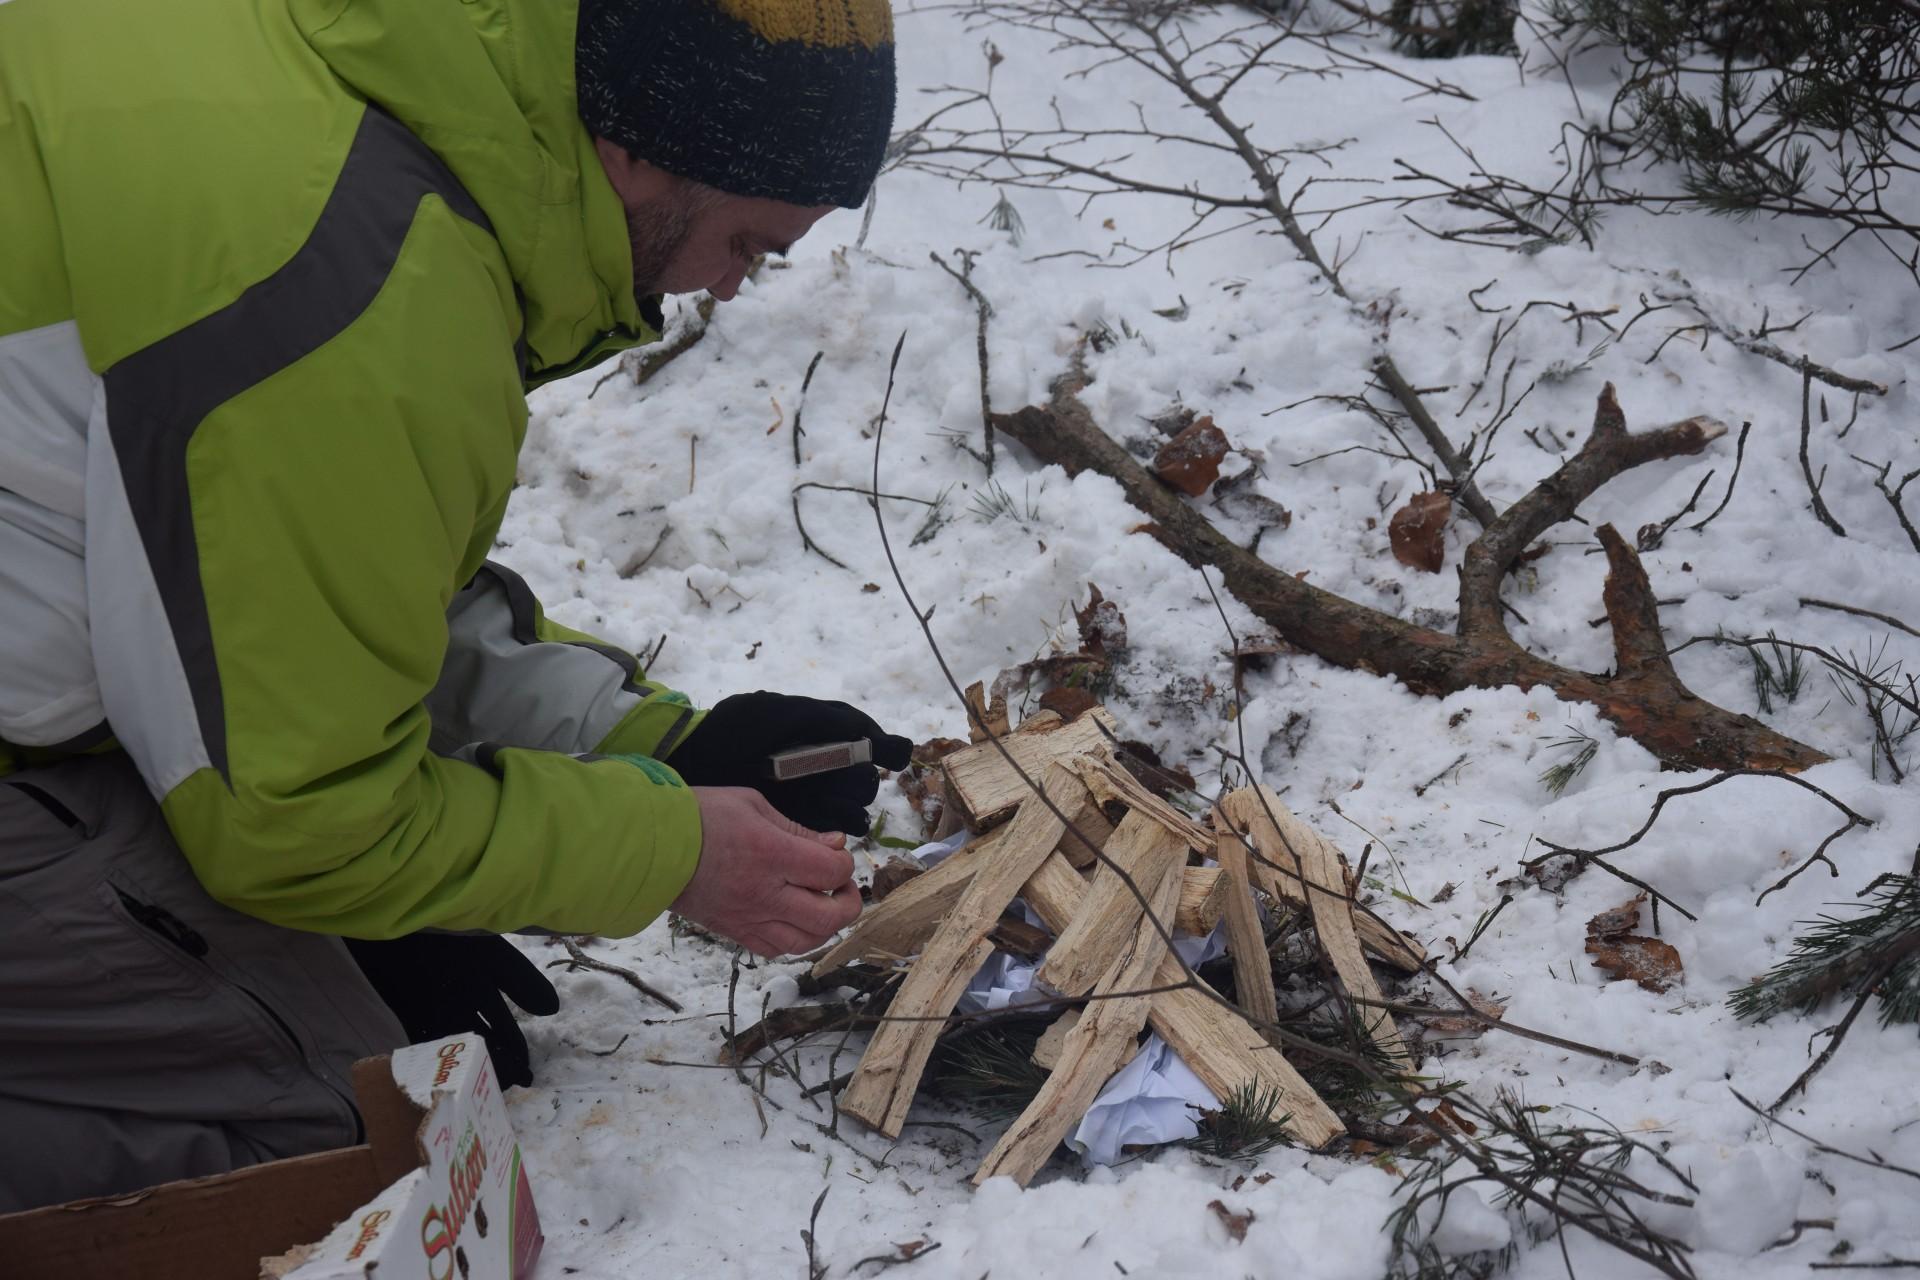 Skąd w zasypanym śniegiem lesie znaleźć suche drewno? Fot. Tomasz Słomczyński/Magazyn Kaszuby